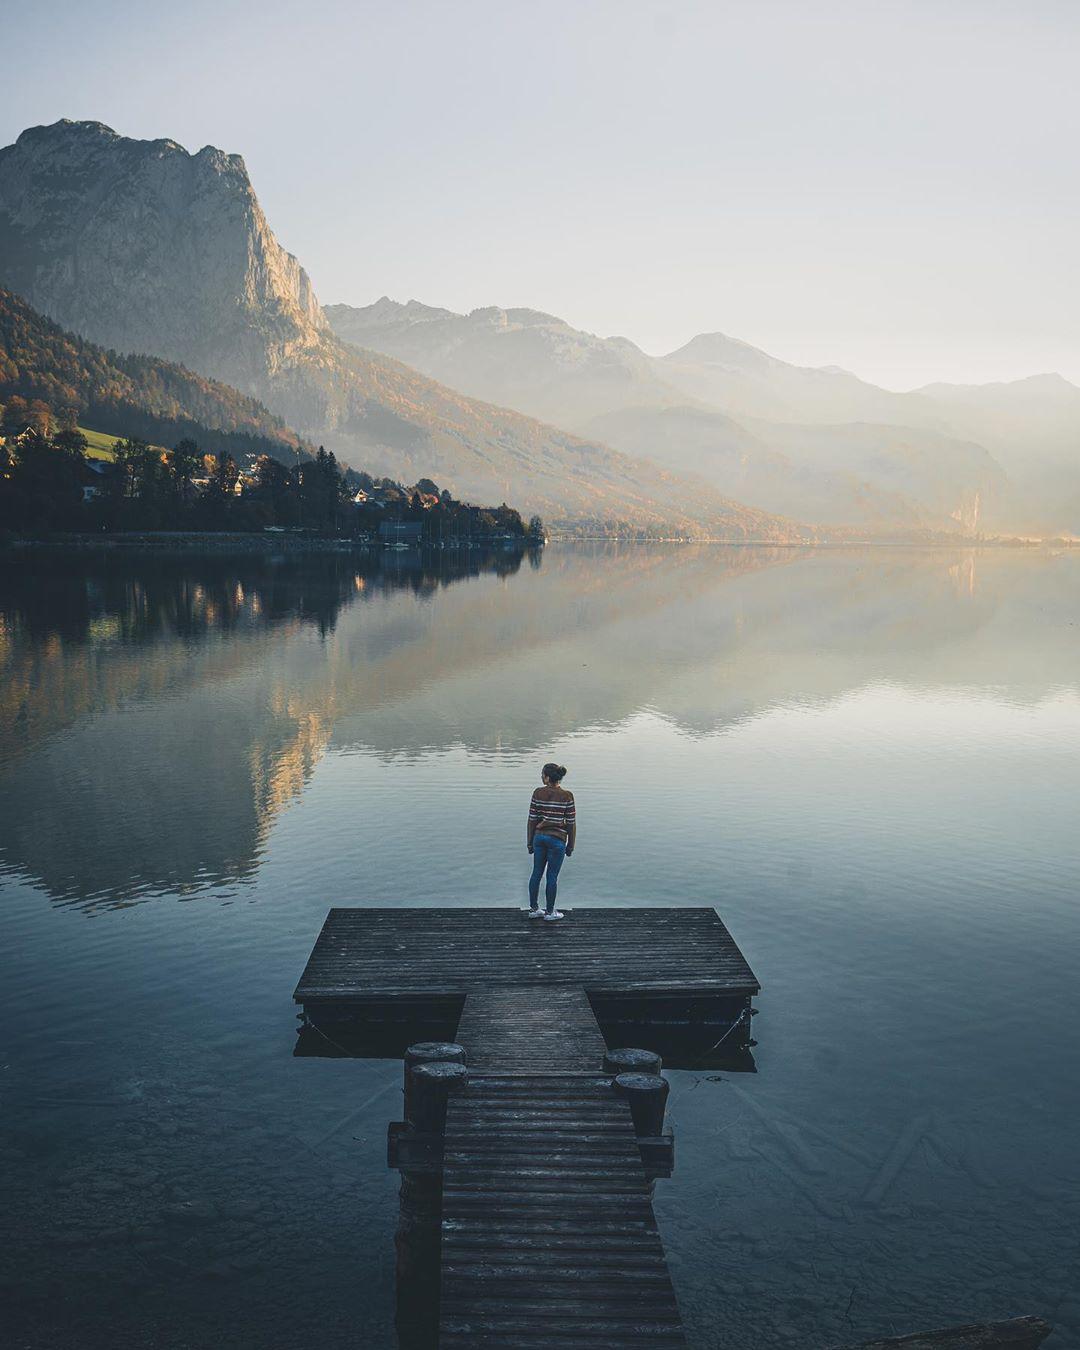 Природа и путешествия на снимках Марио Броеля